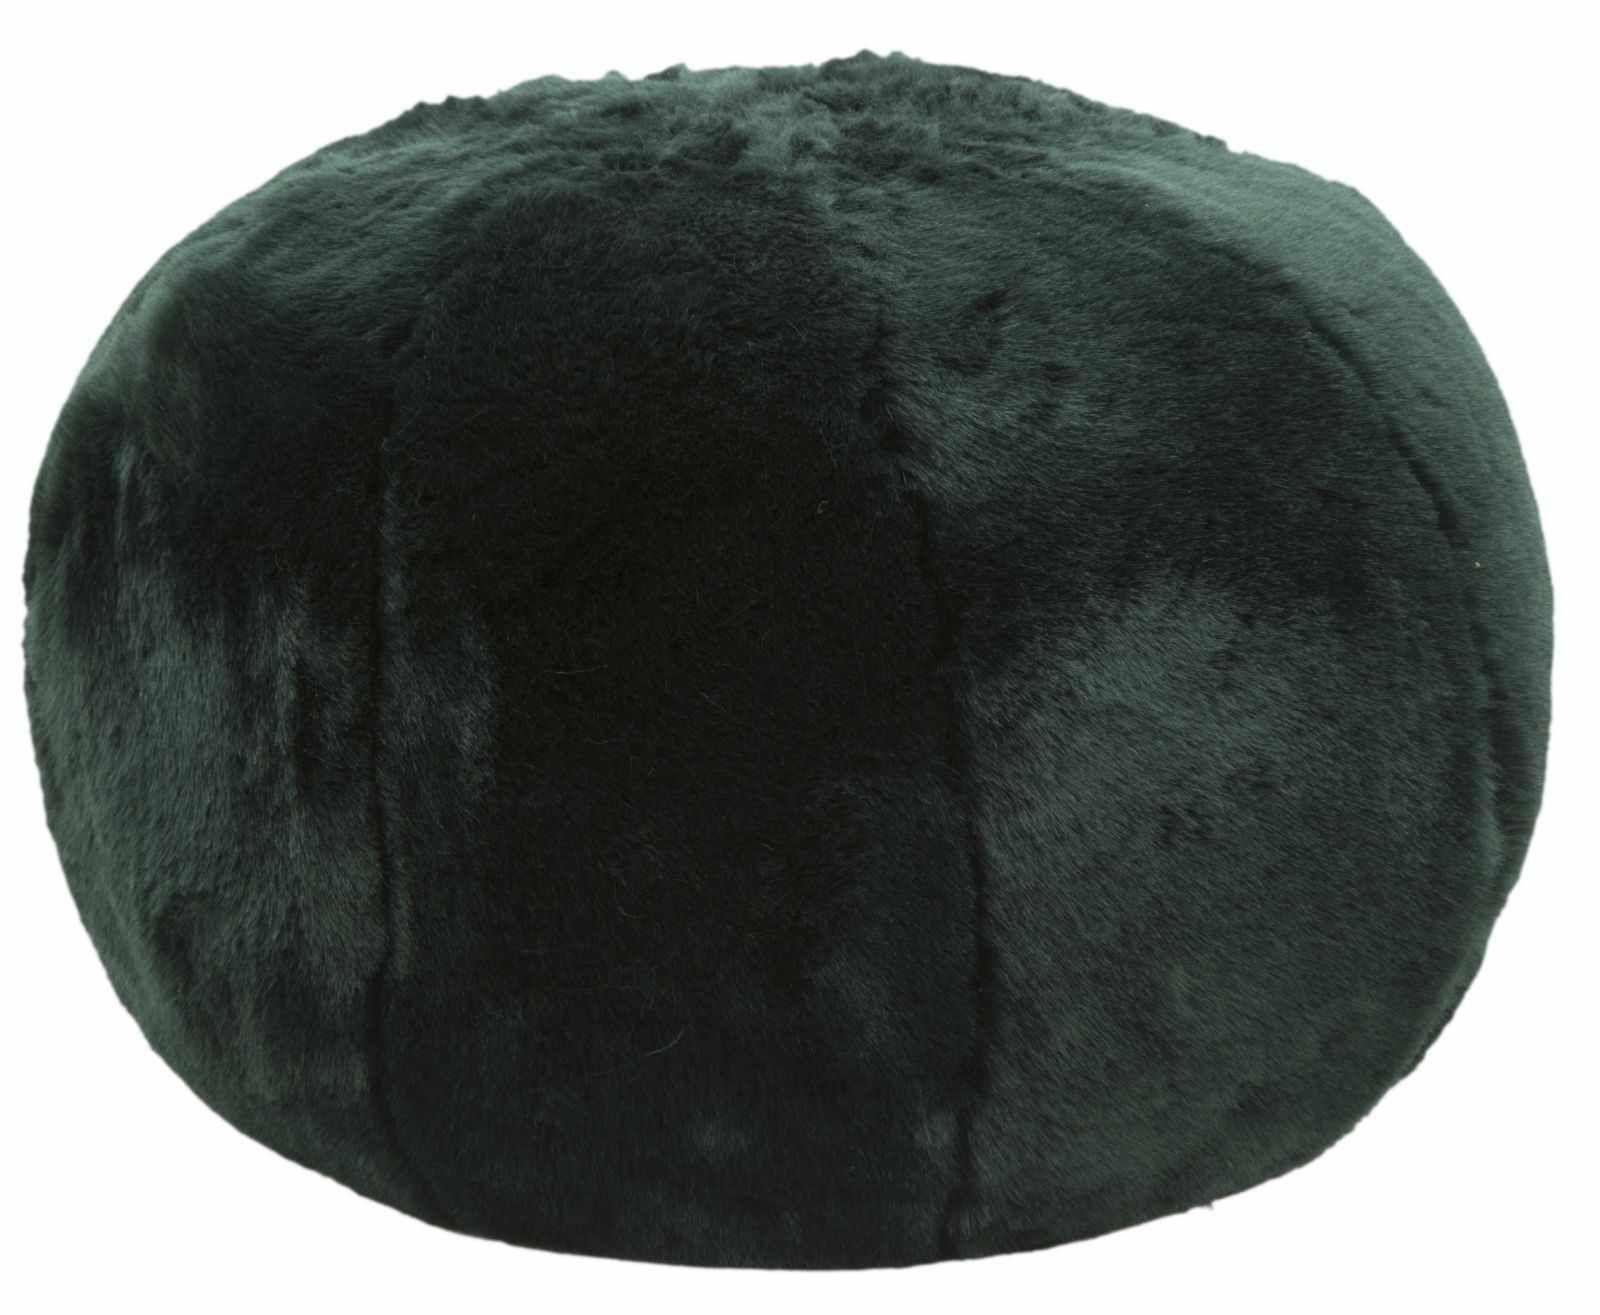 Taburet tapitat cu stofa Plush Verde inchis, Ø50xH30 cm la pret 447 lei